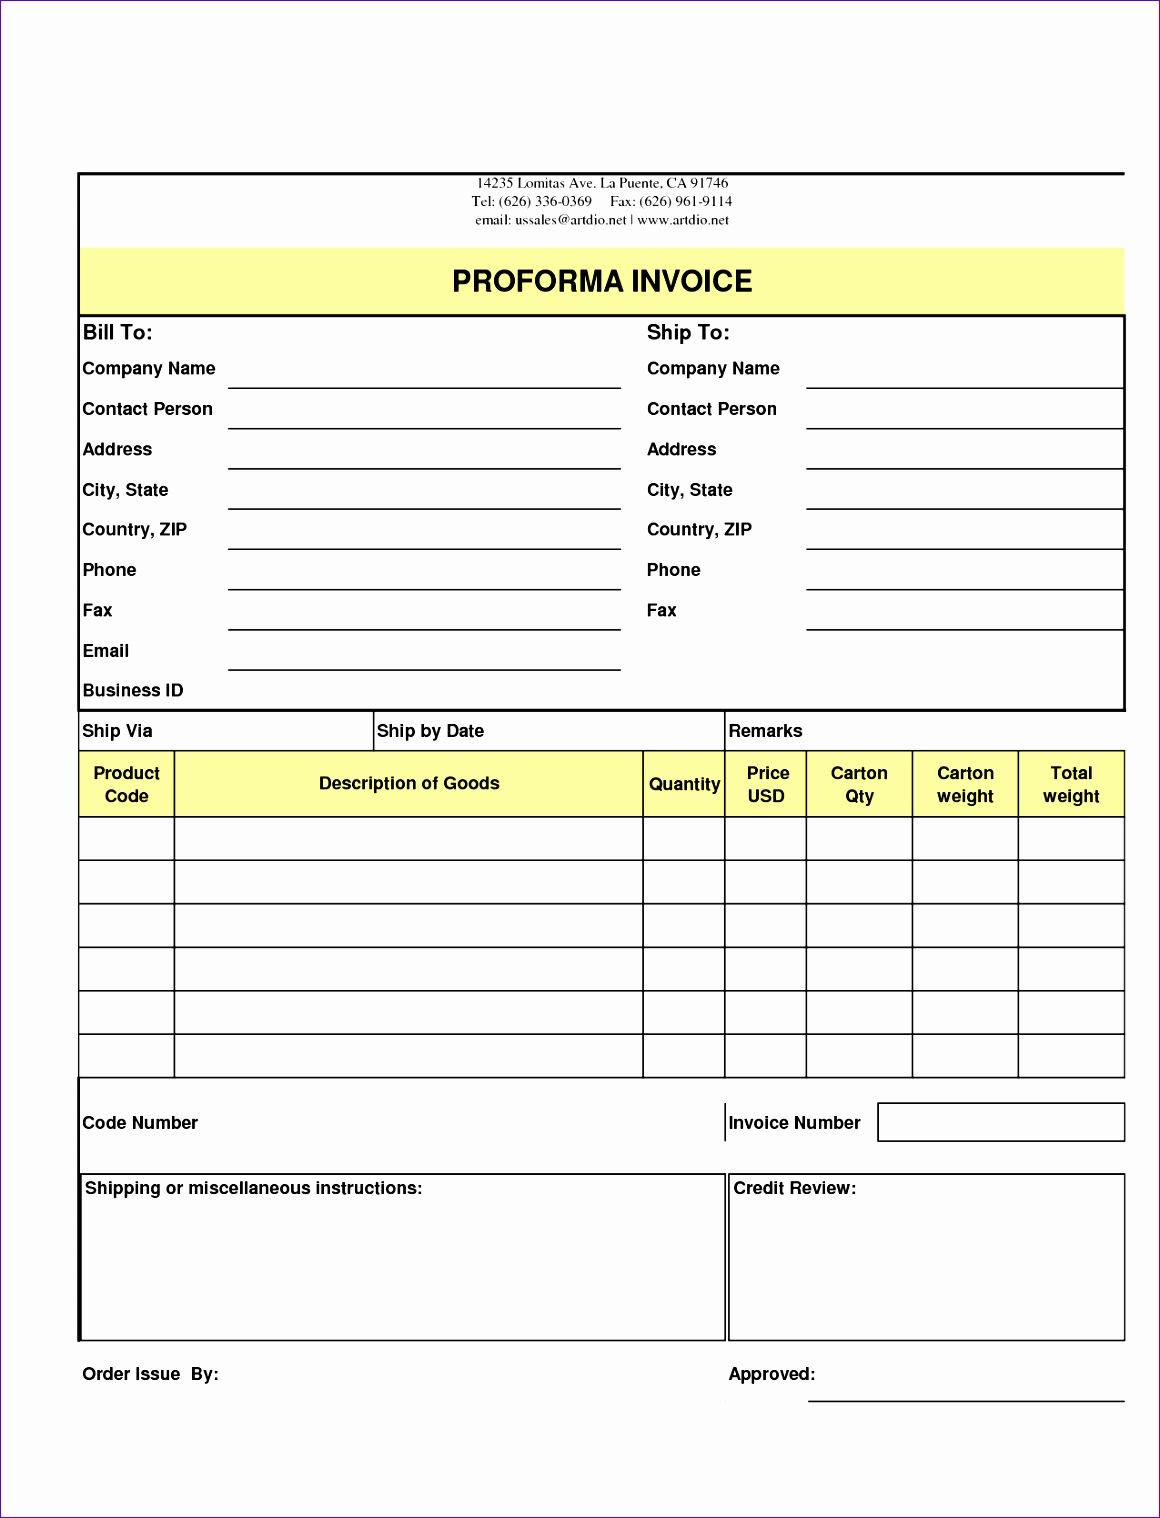 order form template pbkhlgg6